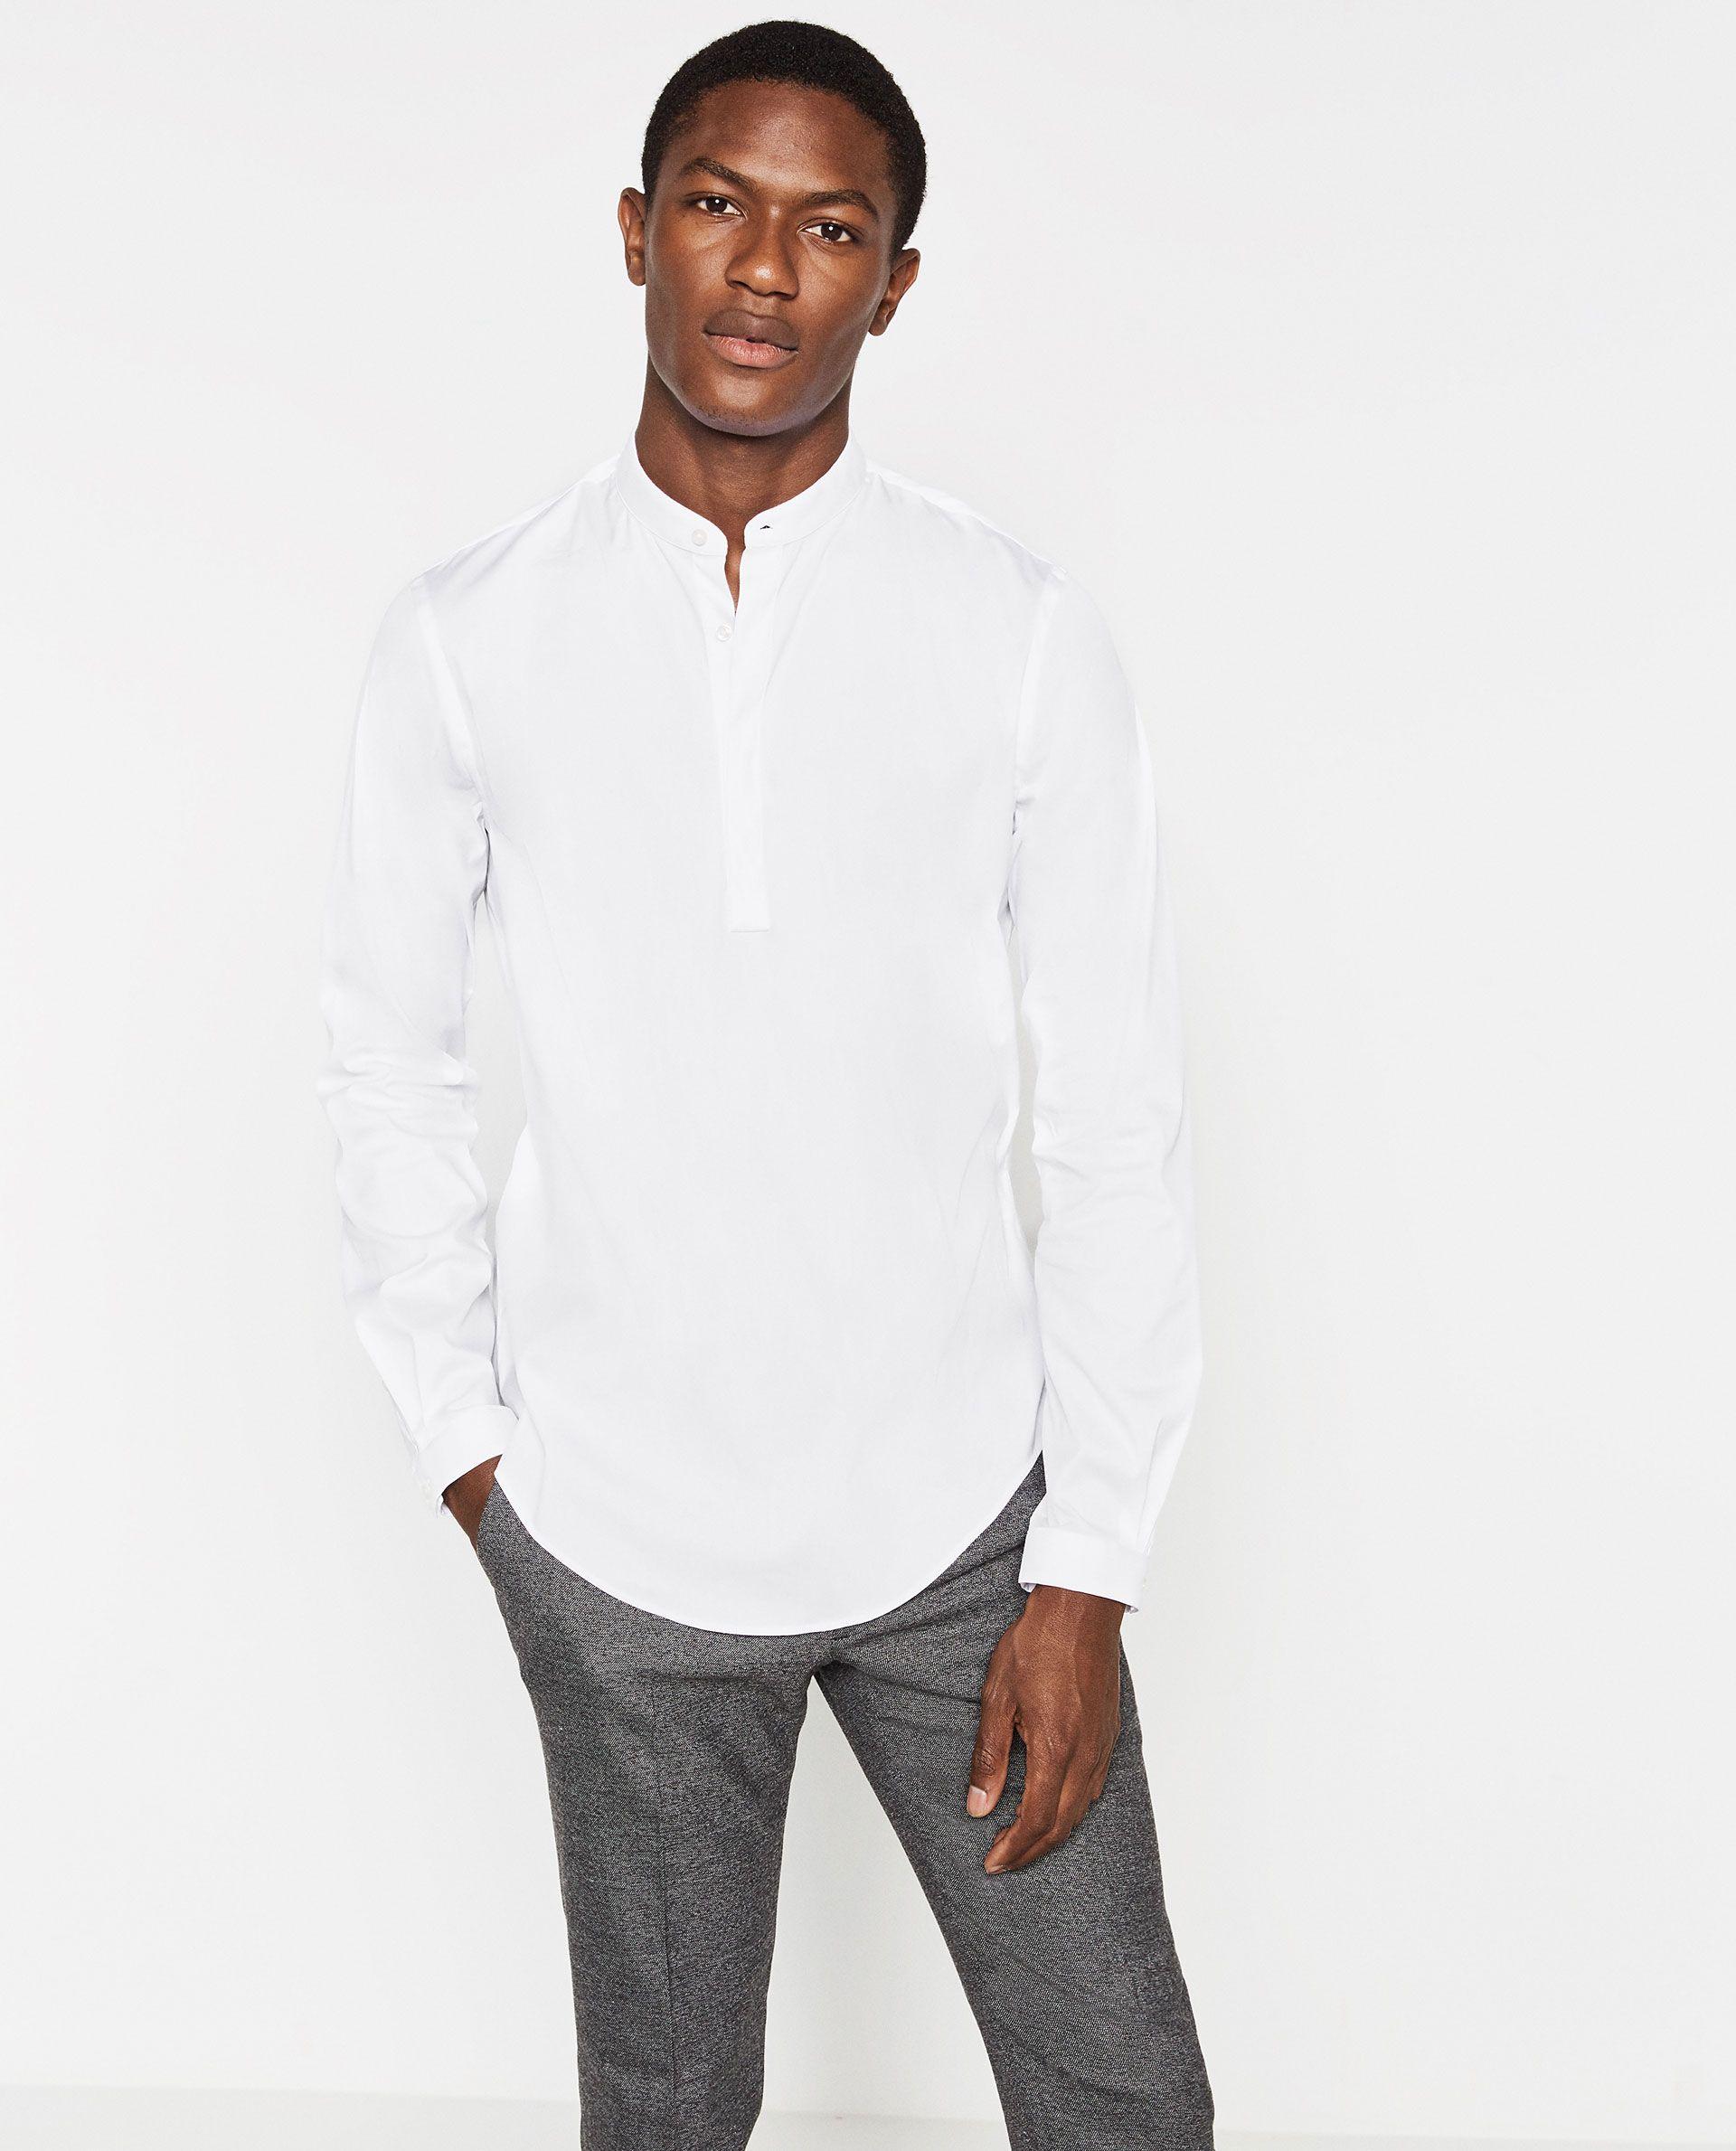 Image 2 Of Mandarin Collar Shirt From Zara Wear Mandarin Collar